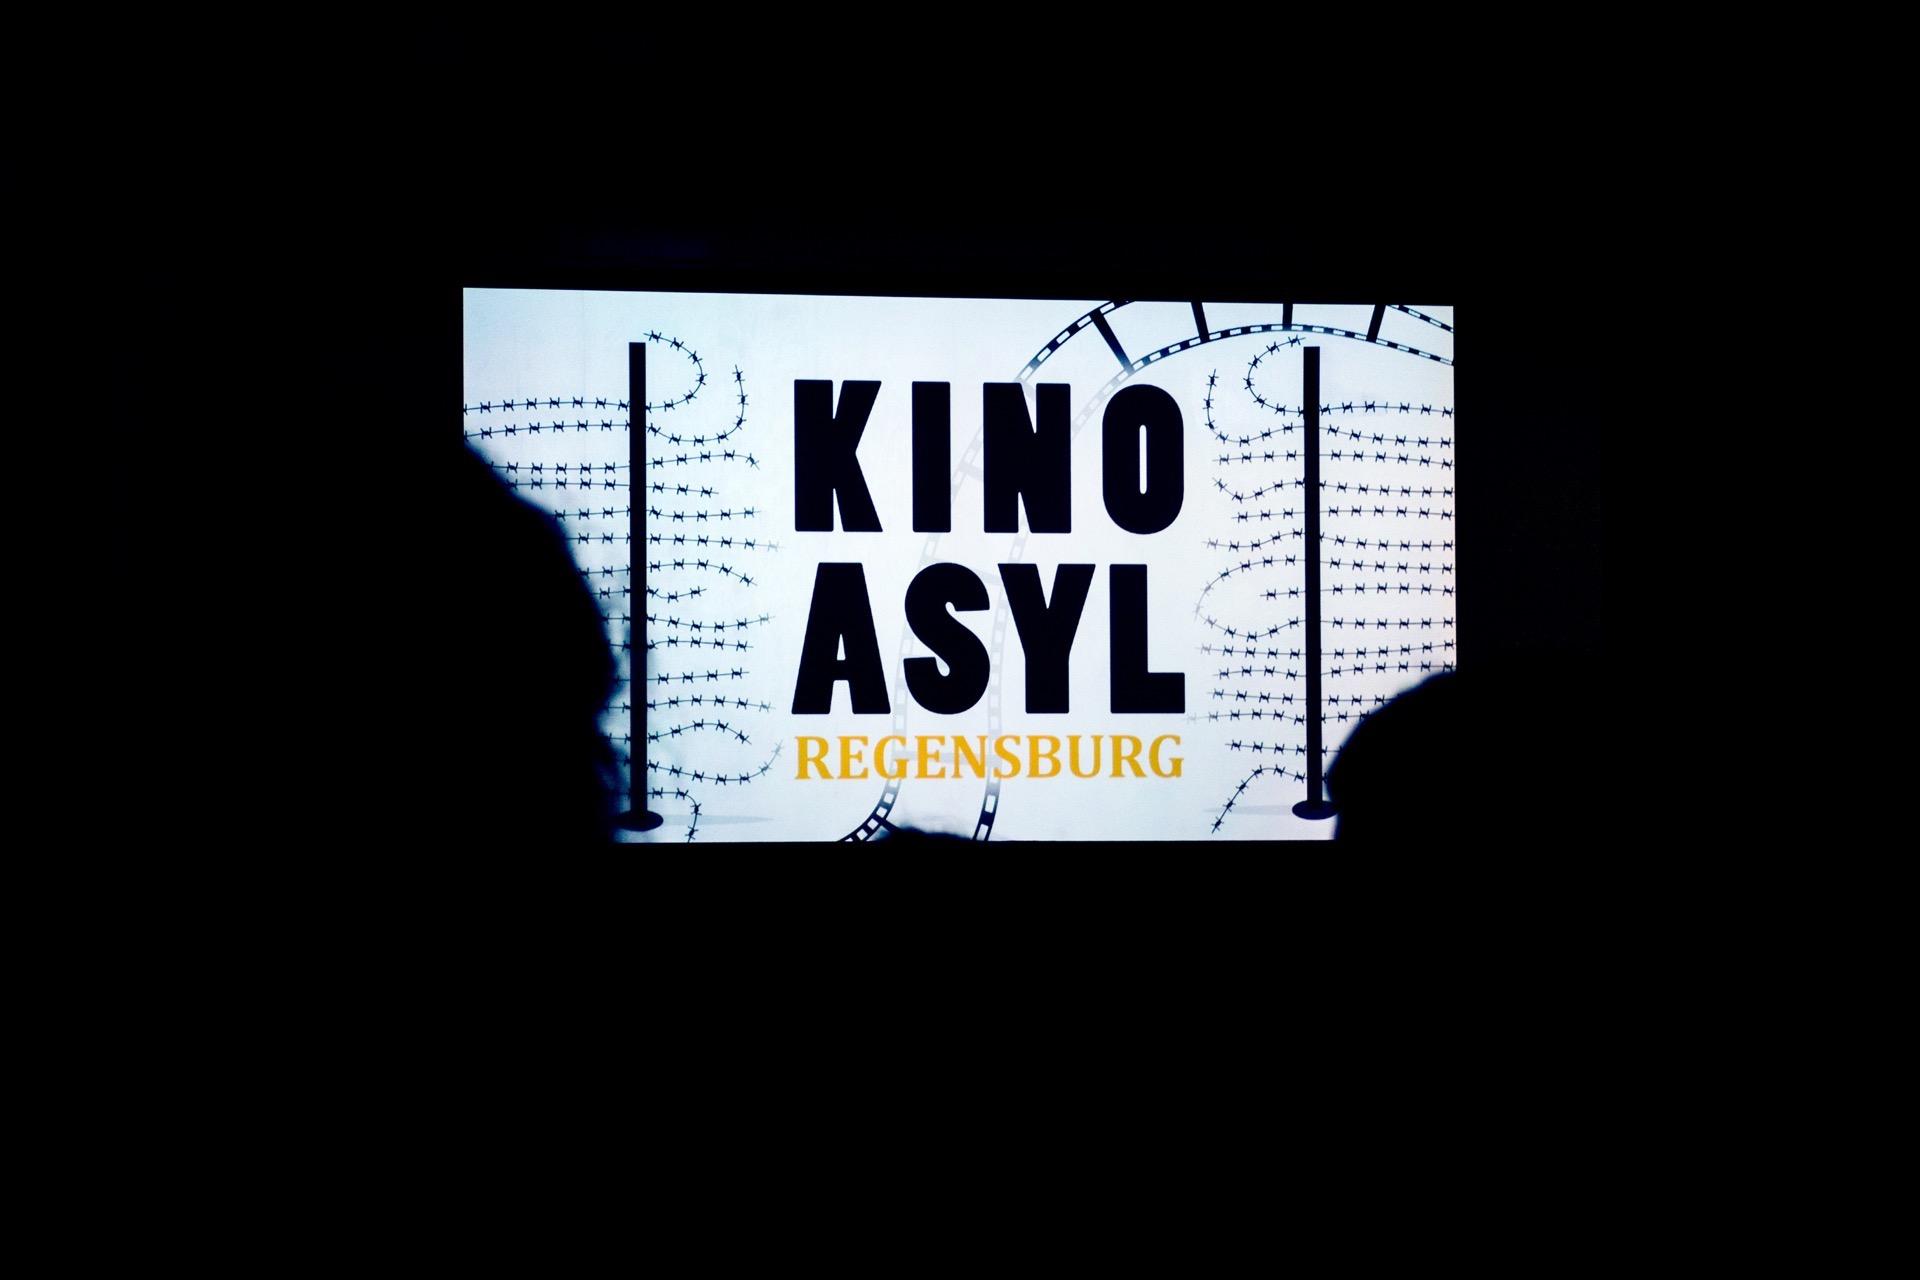 Zum ersten Mal fand KinoAsyl in Regensburg statt. (Foto: Bastian Winter)